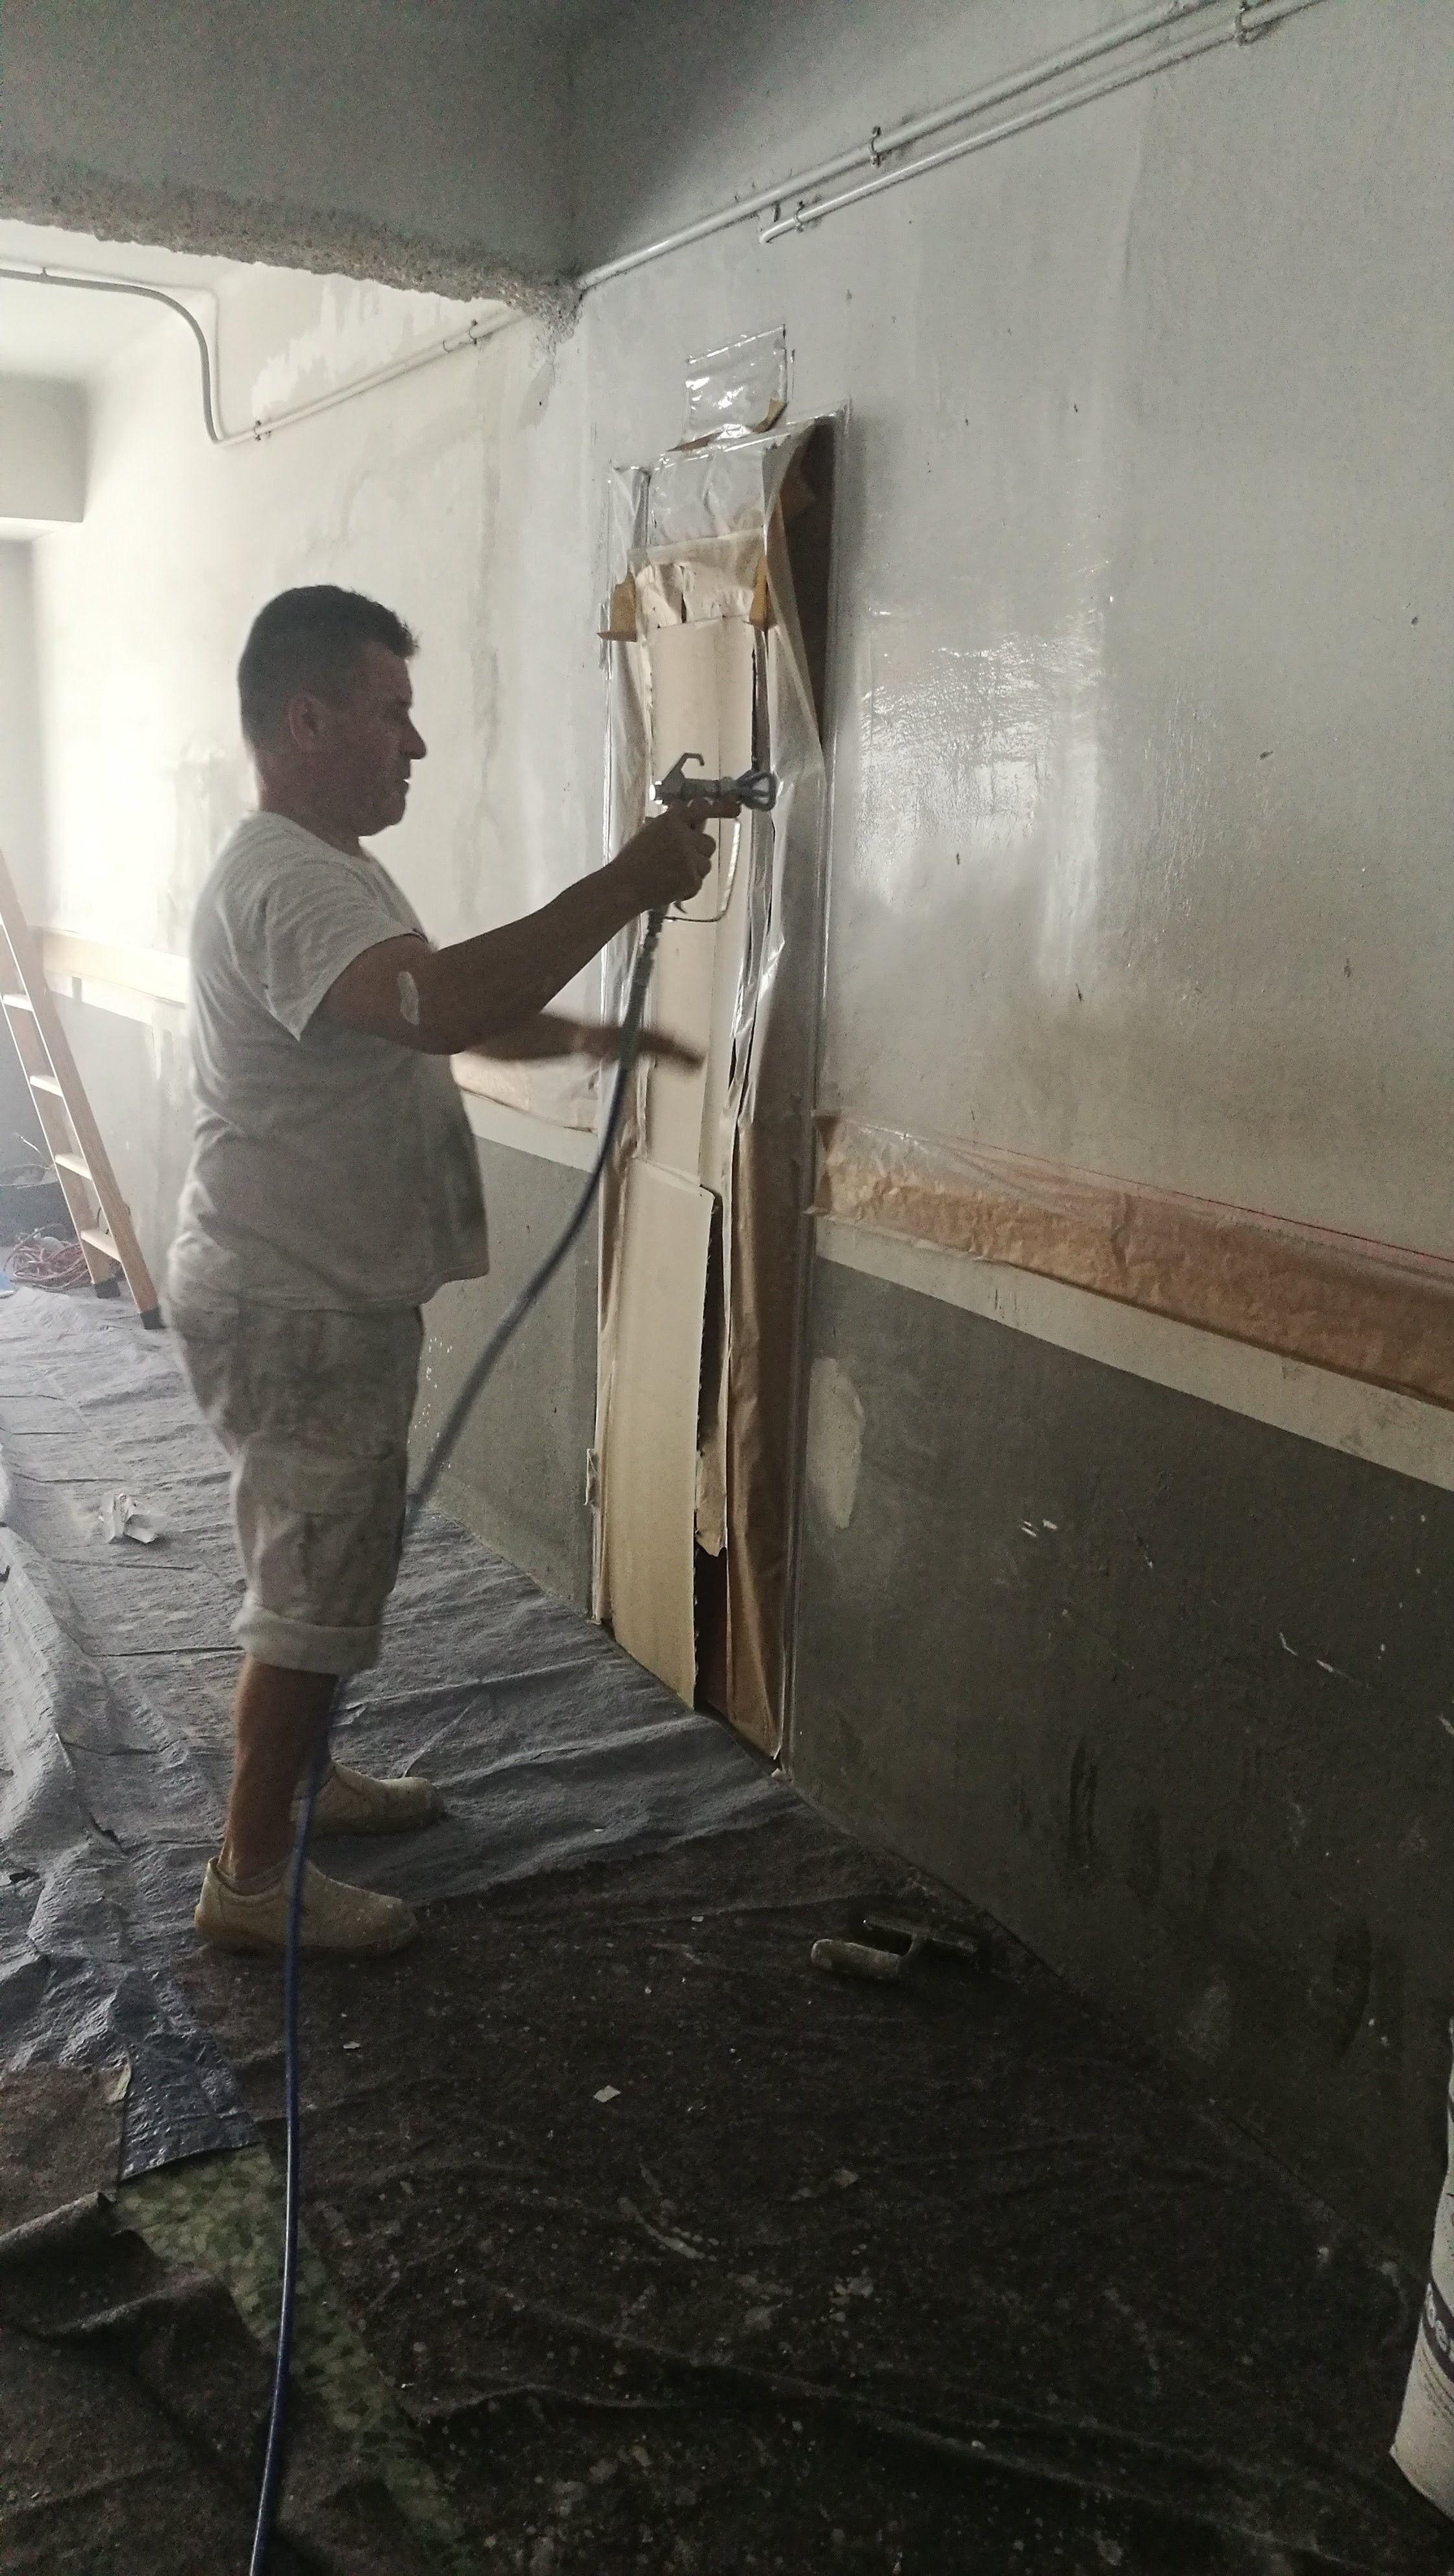 Trabajos de pintura con proyección a presión en Tarragona